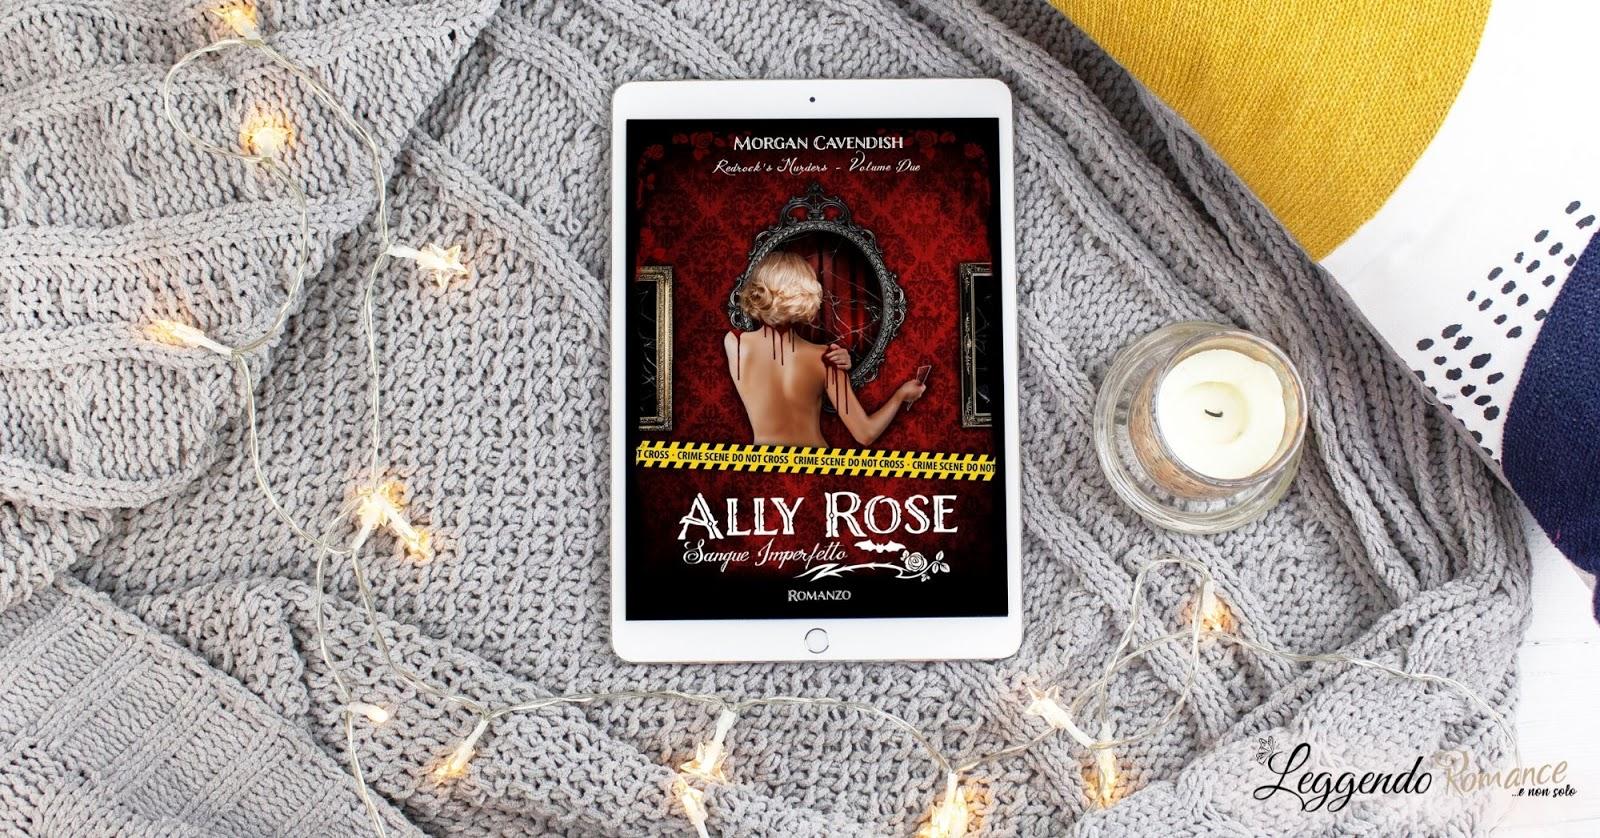 Recensione di Ally Rose. Sangue imperfetto di Morgan Cavendish